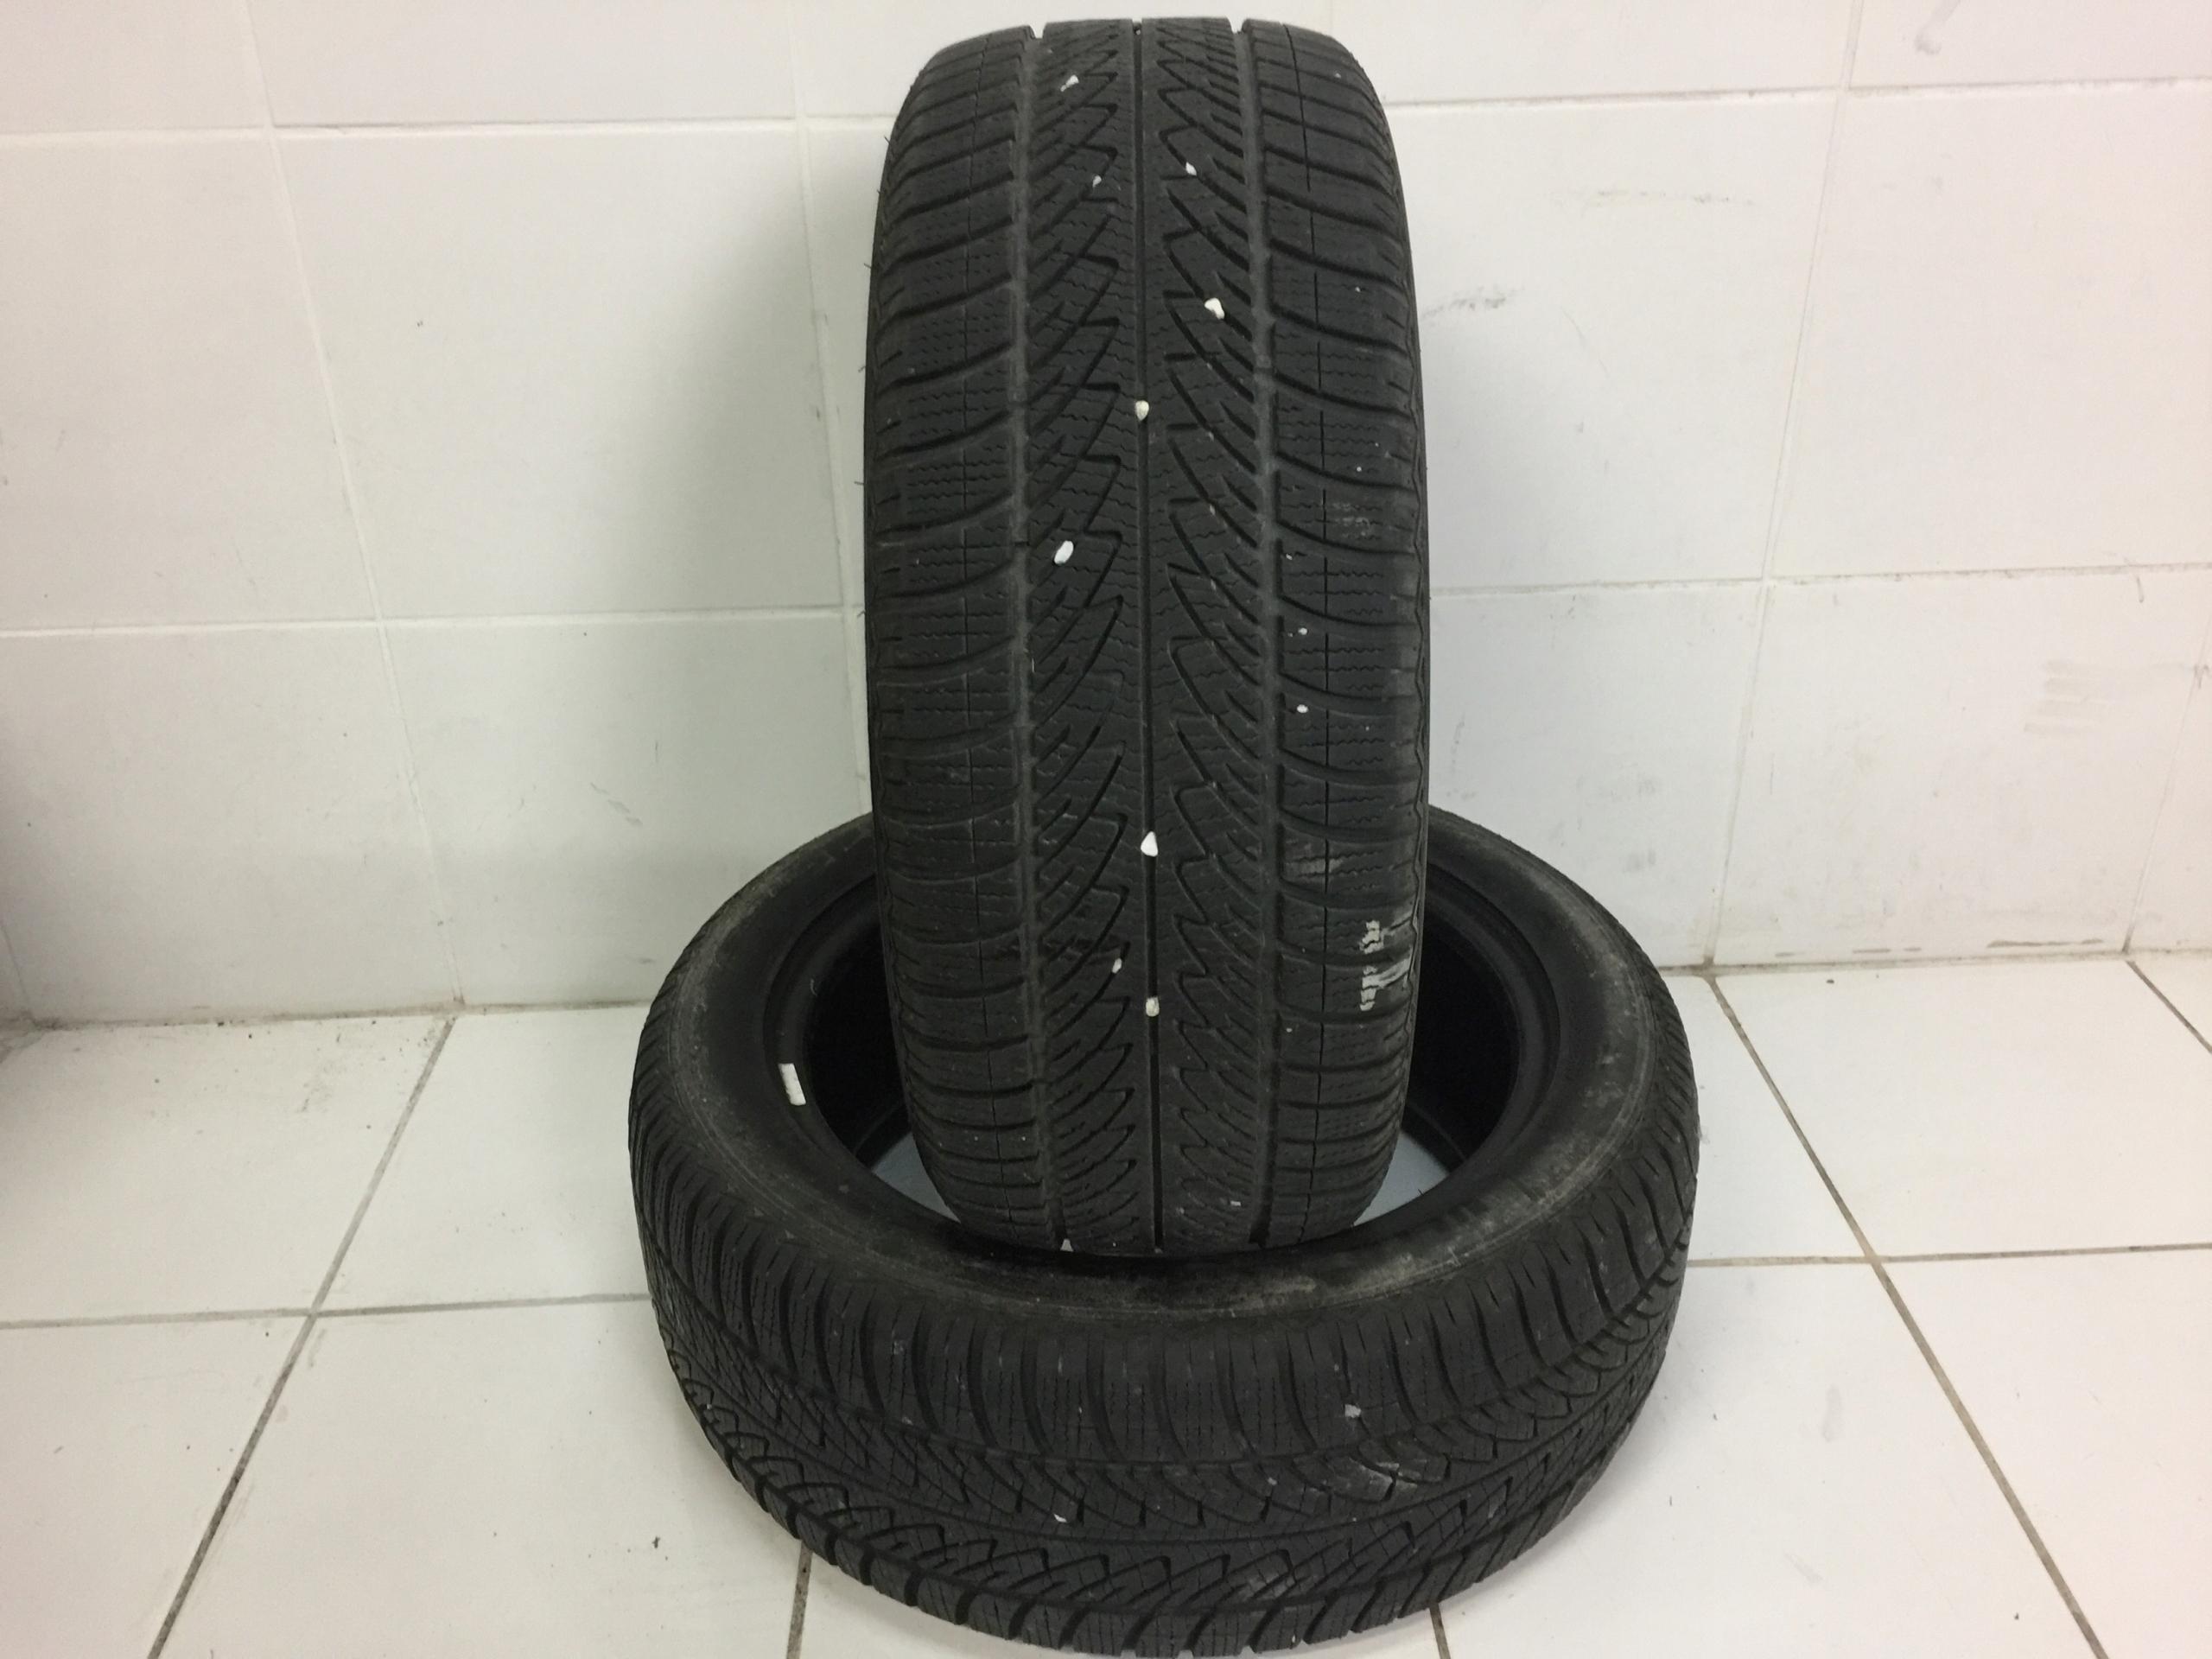 Opony Zimowe Goodyear Ultra Grip 8 22550 17 7731929133